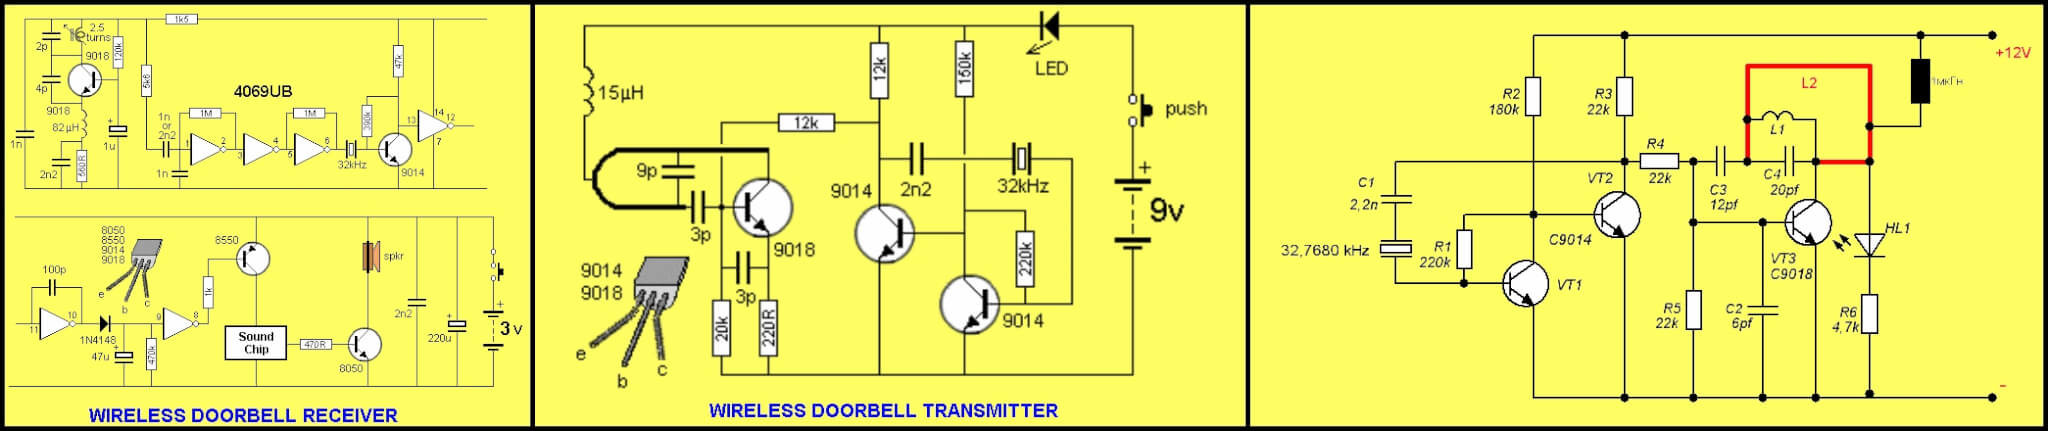 Схема дистанционного звонка или управления